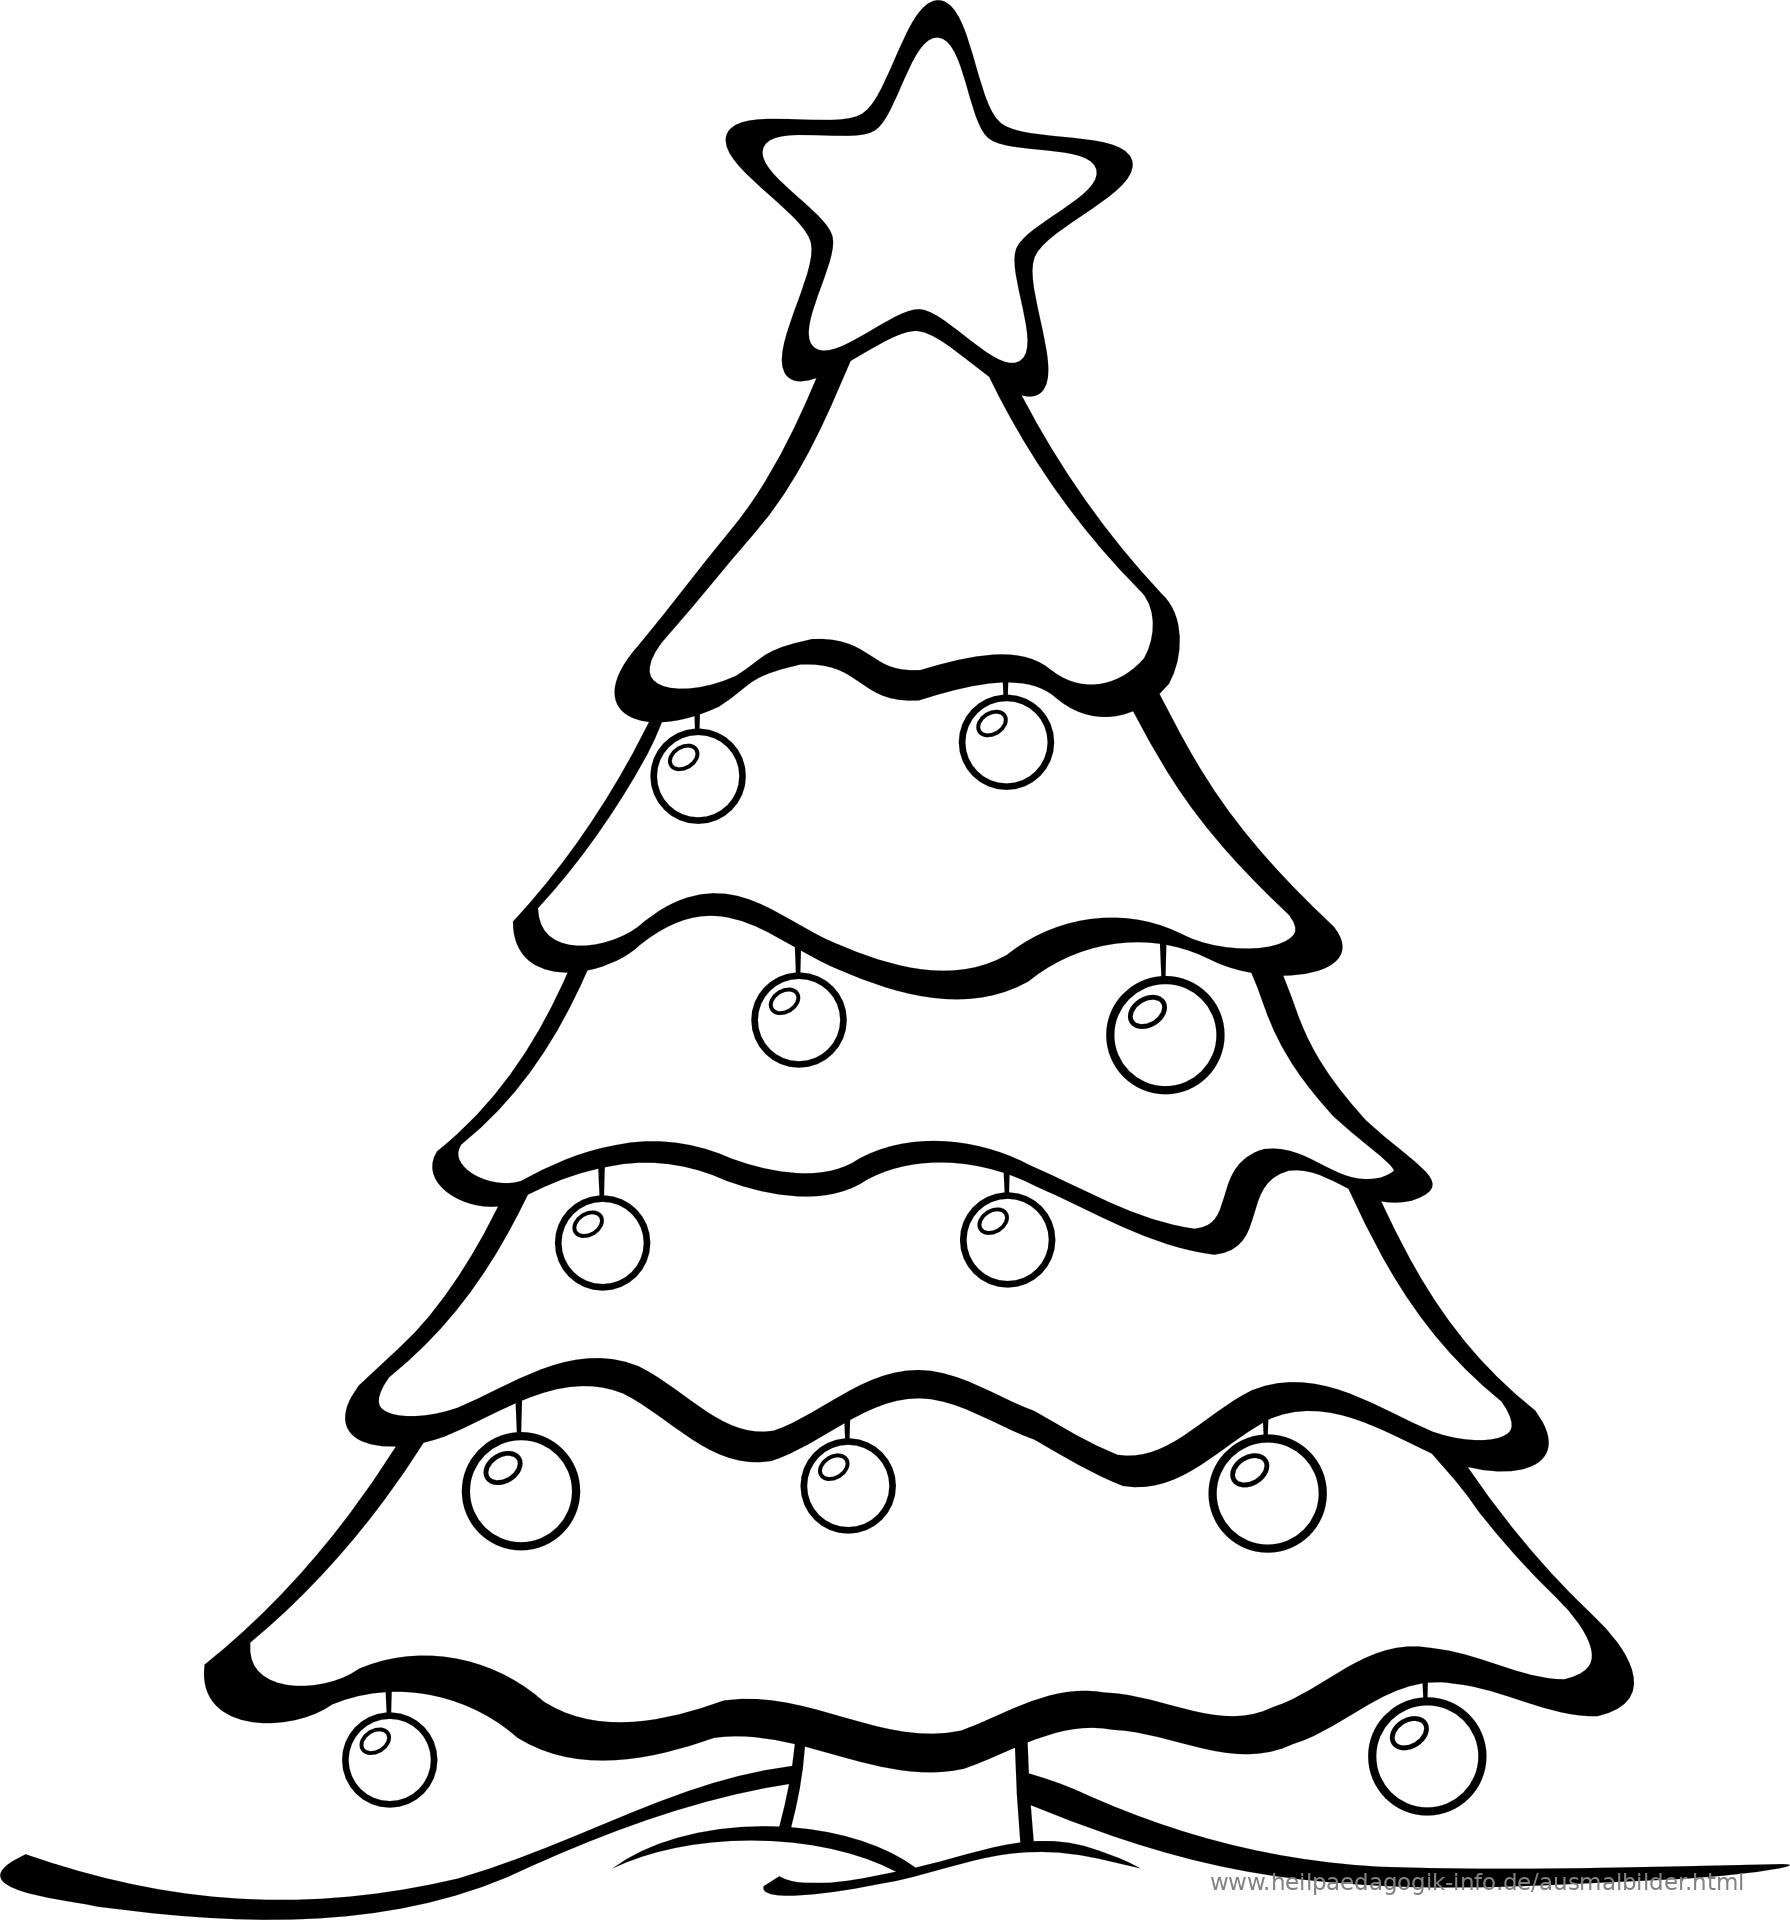 14 Malvorlagen Weihnachten Tannenbaum - Besten Bilder von ausmalbilder